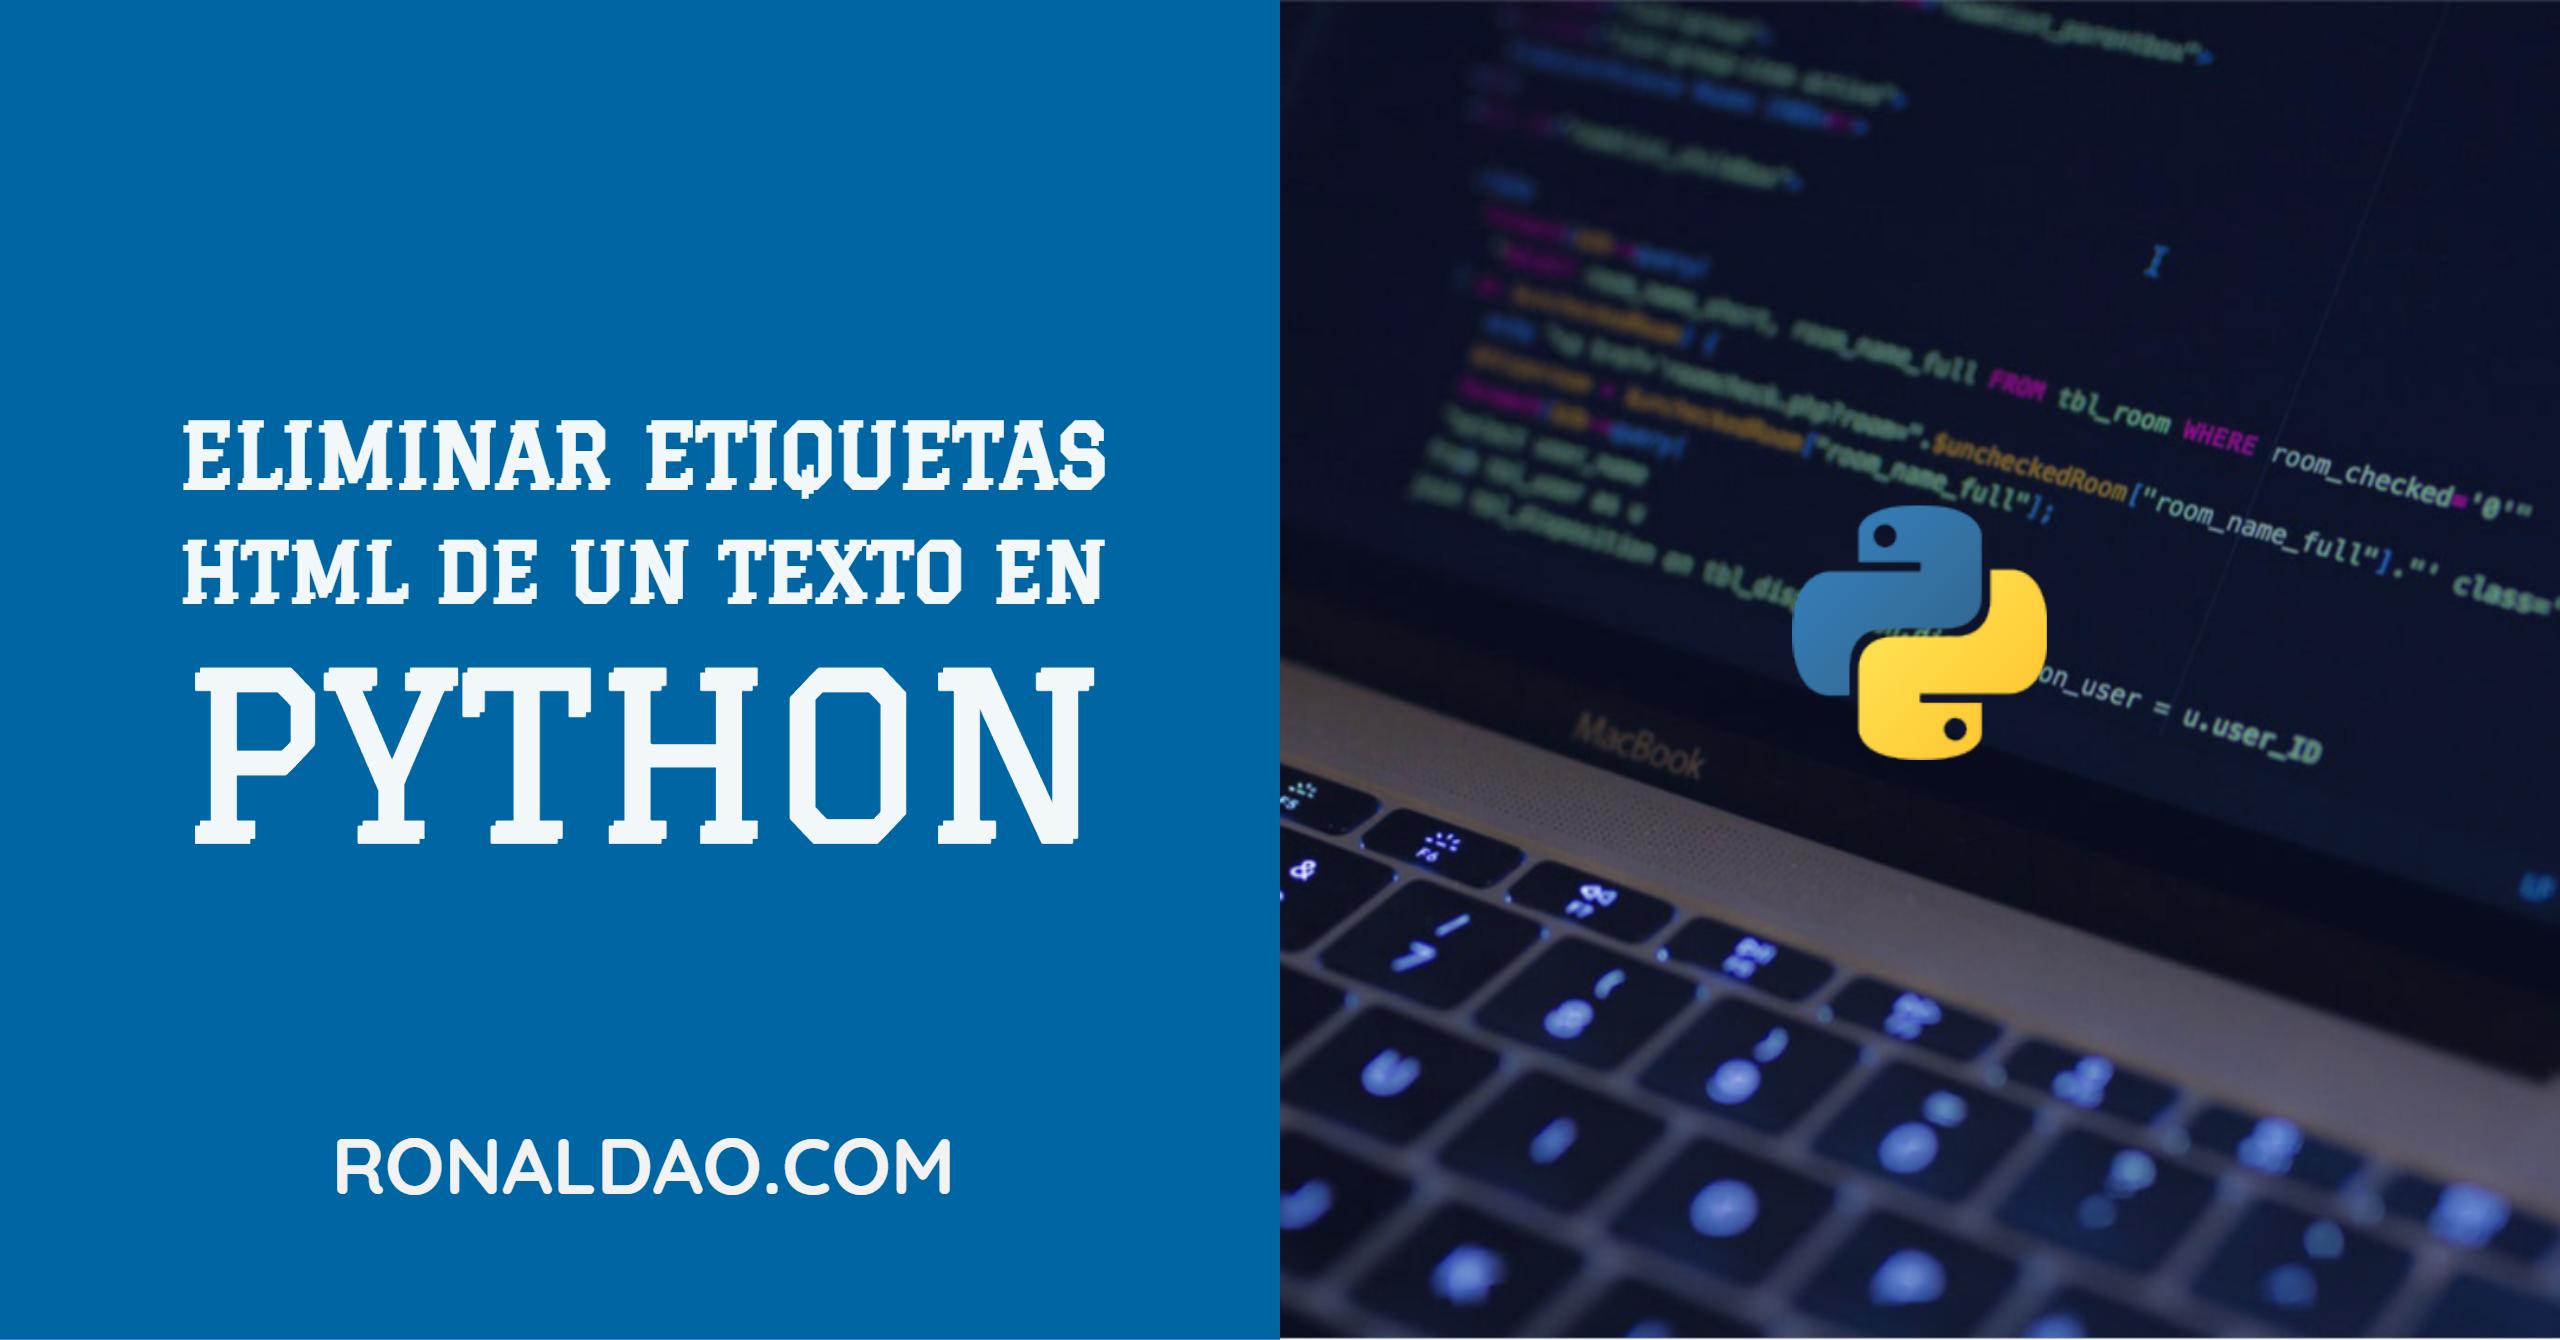 Eliminar etiquetas HTML de un Texto en Python